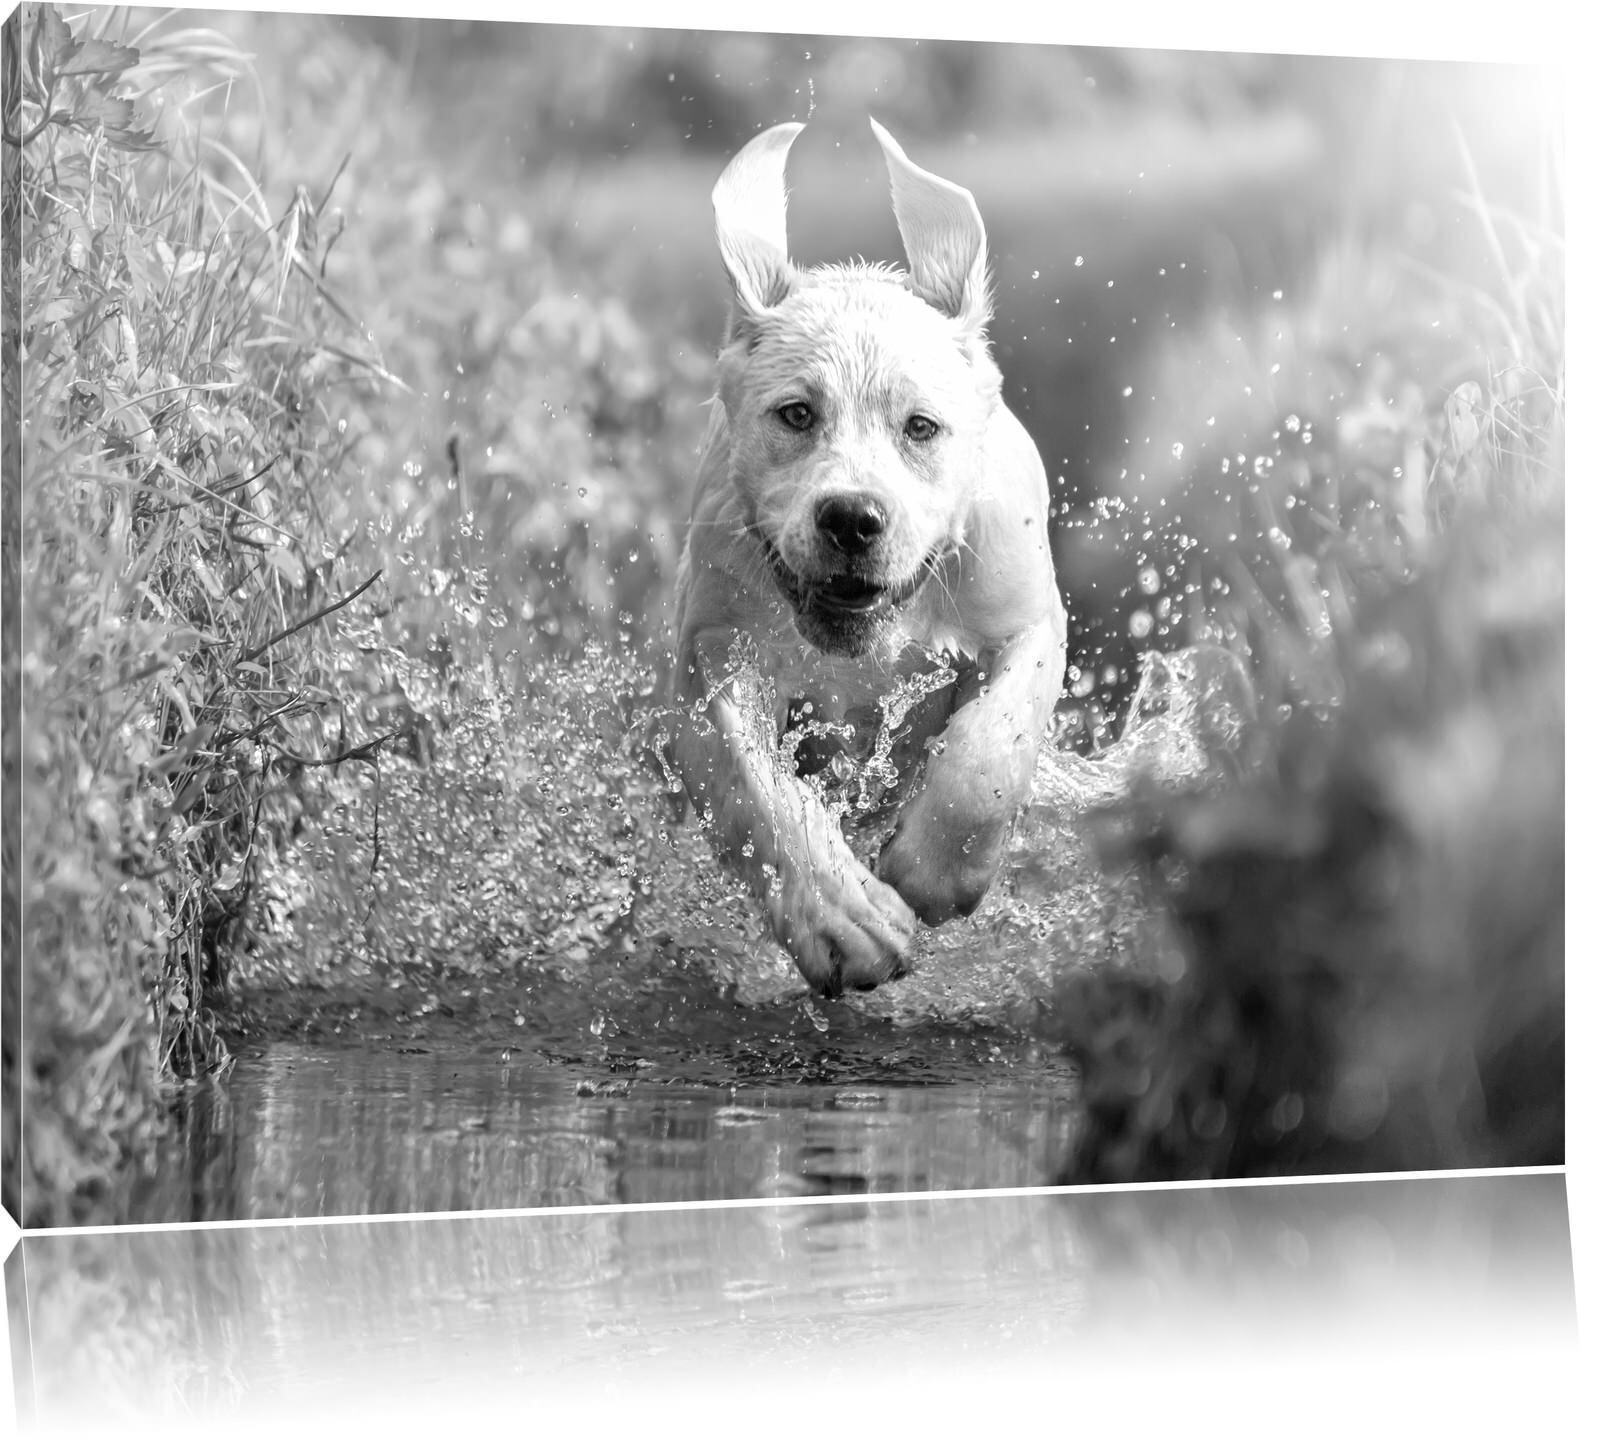 Labrador-Welpe rennt durch das Wasser eines Flusses Kunst B&W Leinwandbild Wandd